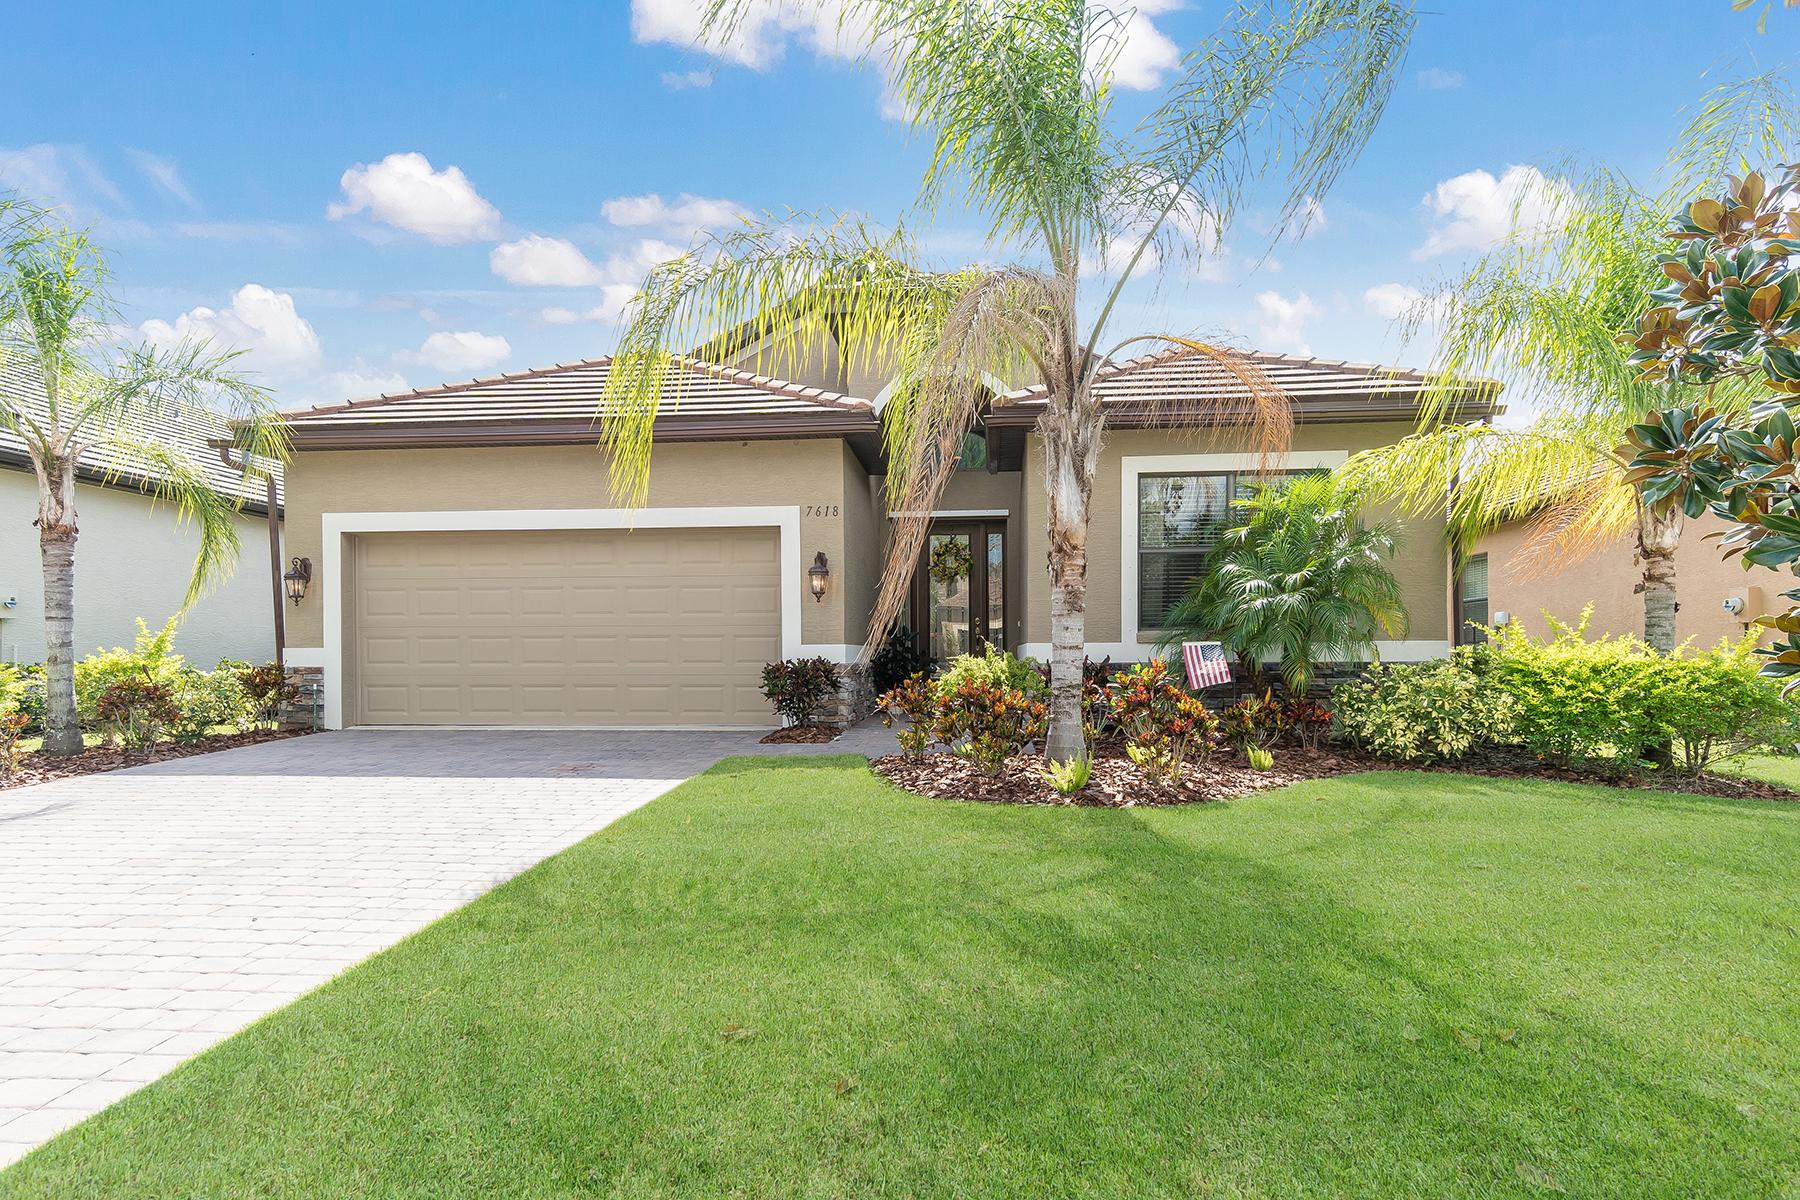 独户住宅 为 销售 在 RIVA TRACE 7618 Rio Bella Pl University Park, 佛罗里达州, 34201 美国